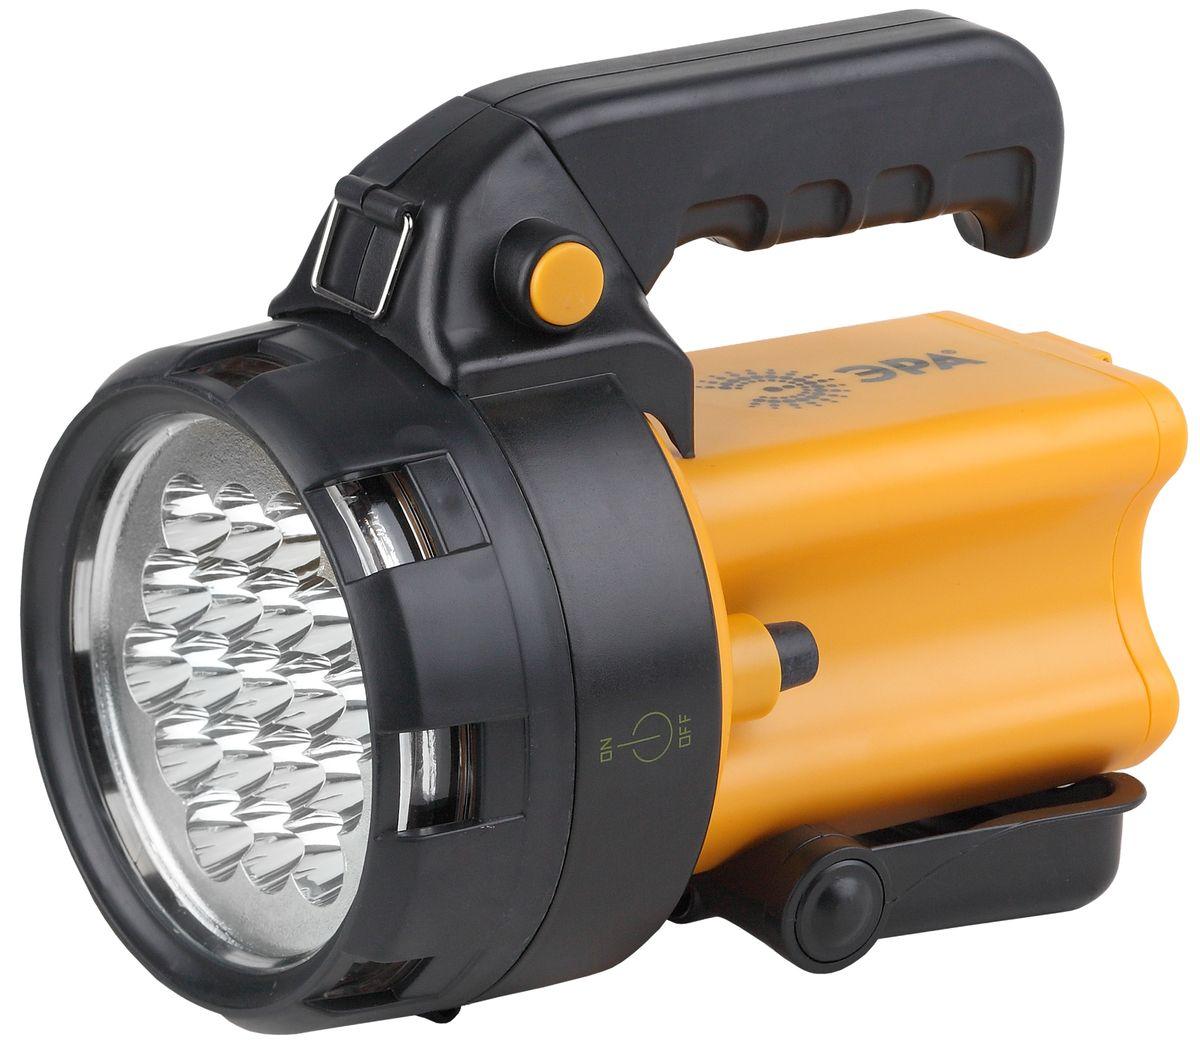 Фонарь ручной Эра, 19 x LED, аккумулятор 4,5Ah, ЗУ 220V+12V фонарь кемпинговый эра 10 smd 1w аккумулятор 4v 900mah зу 220v